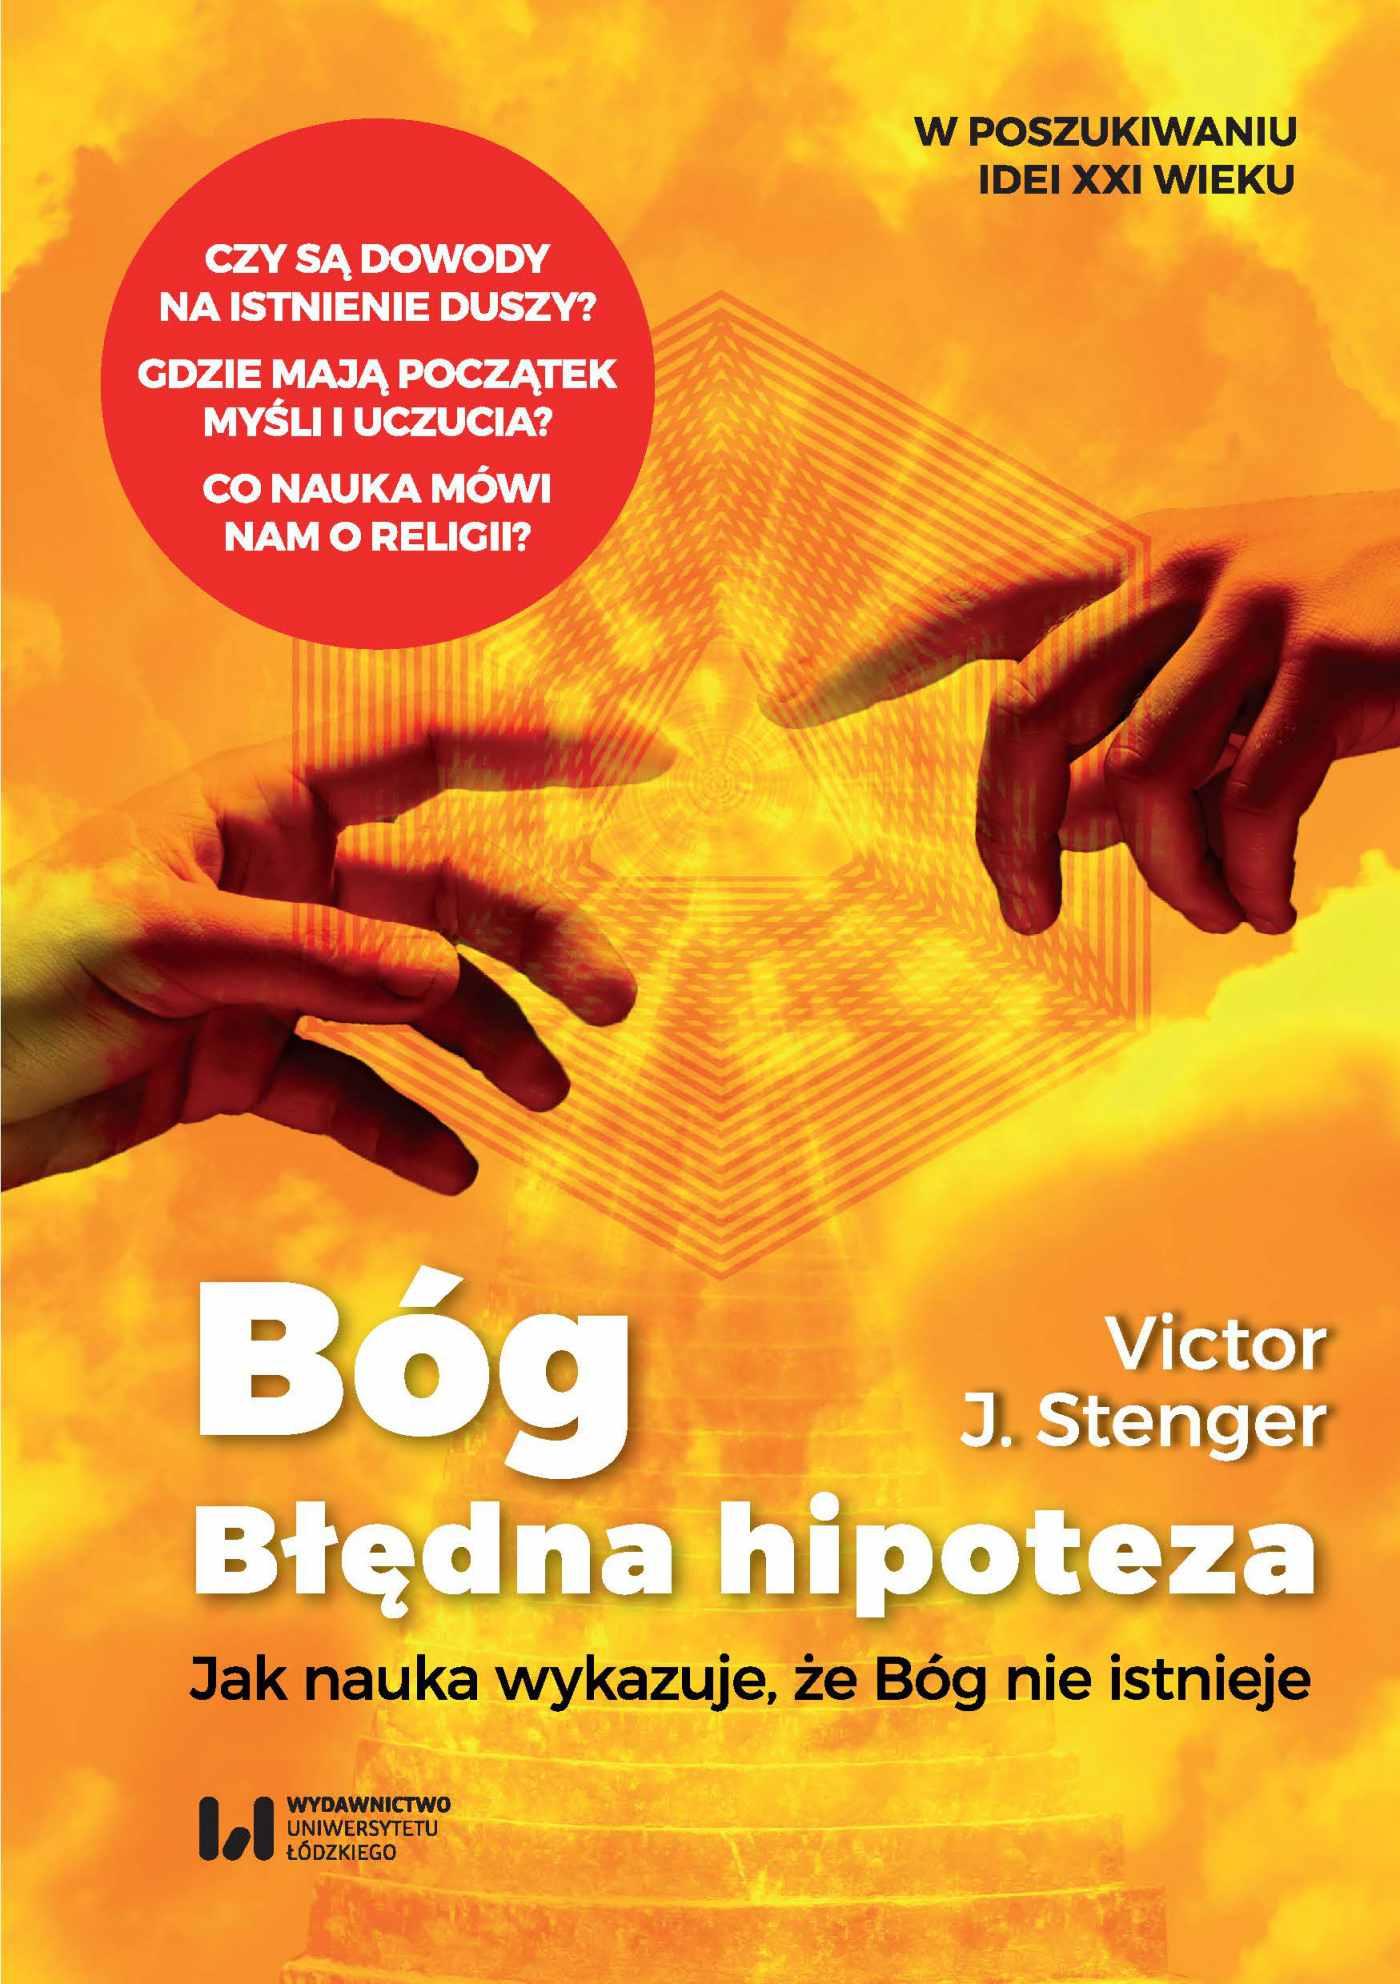 Bóg. Błędna hipoteza. Jak nauka wykazuje, że Bóg nie istnieje - Ebook (Książka na Kindle) do pobrania w formacie MOBI